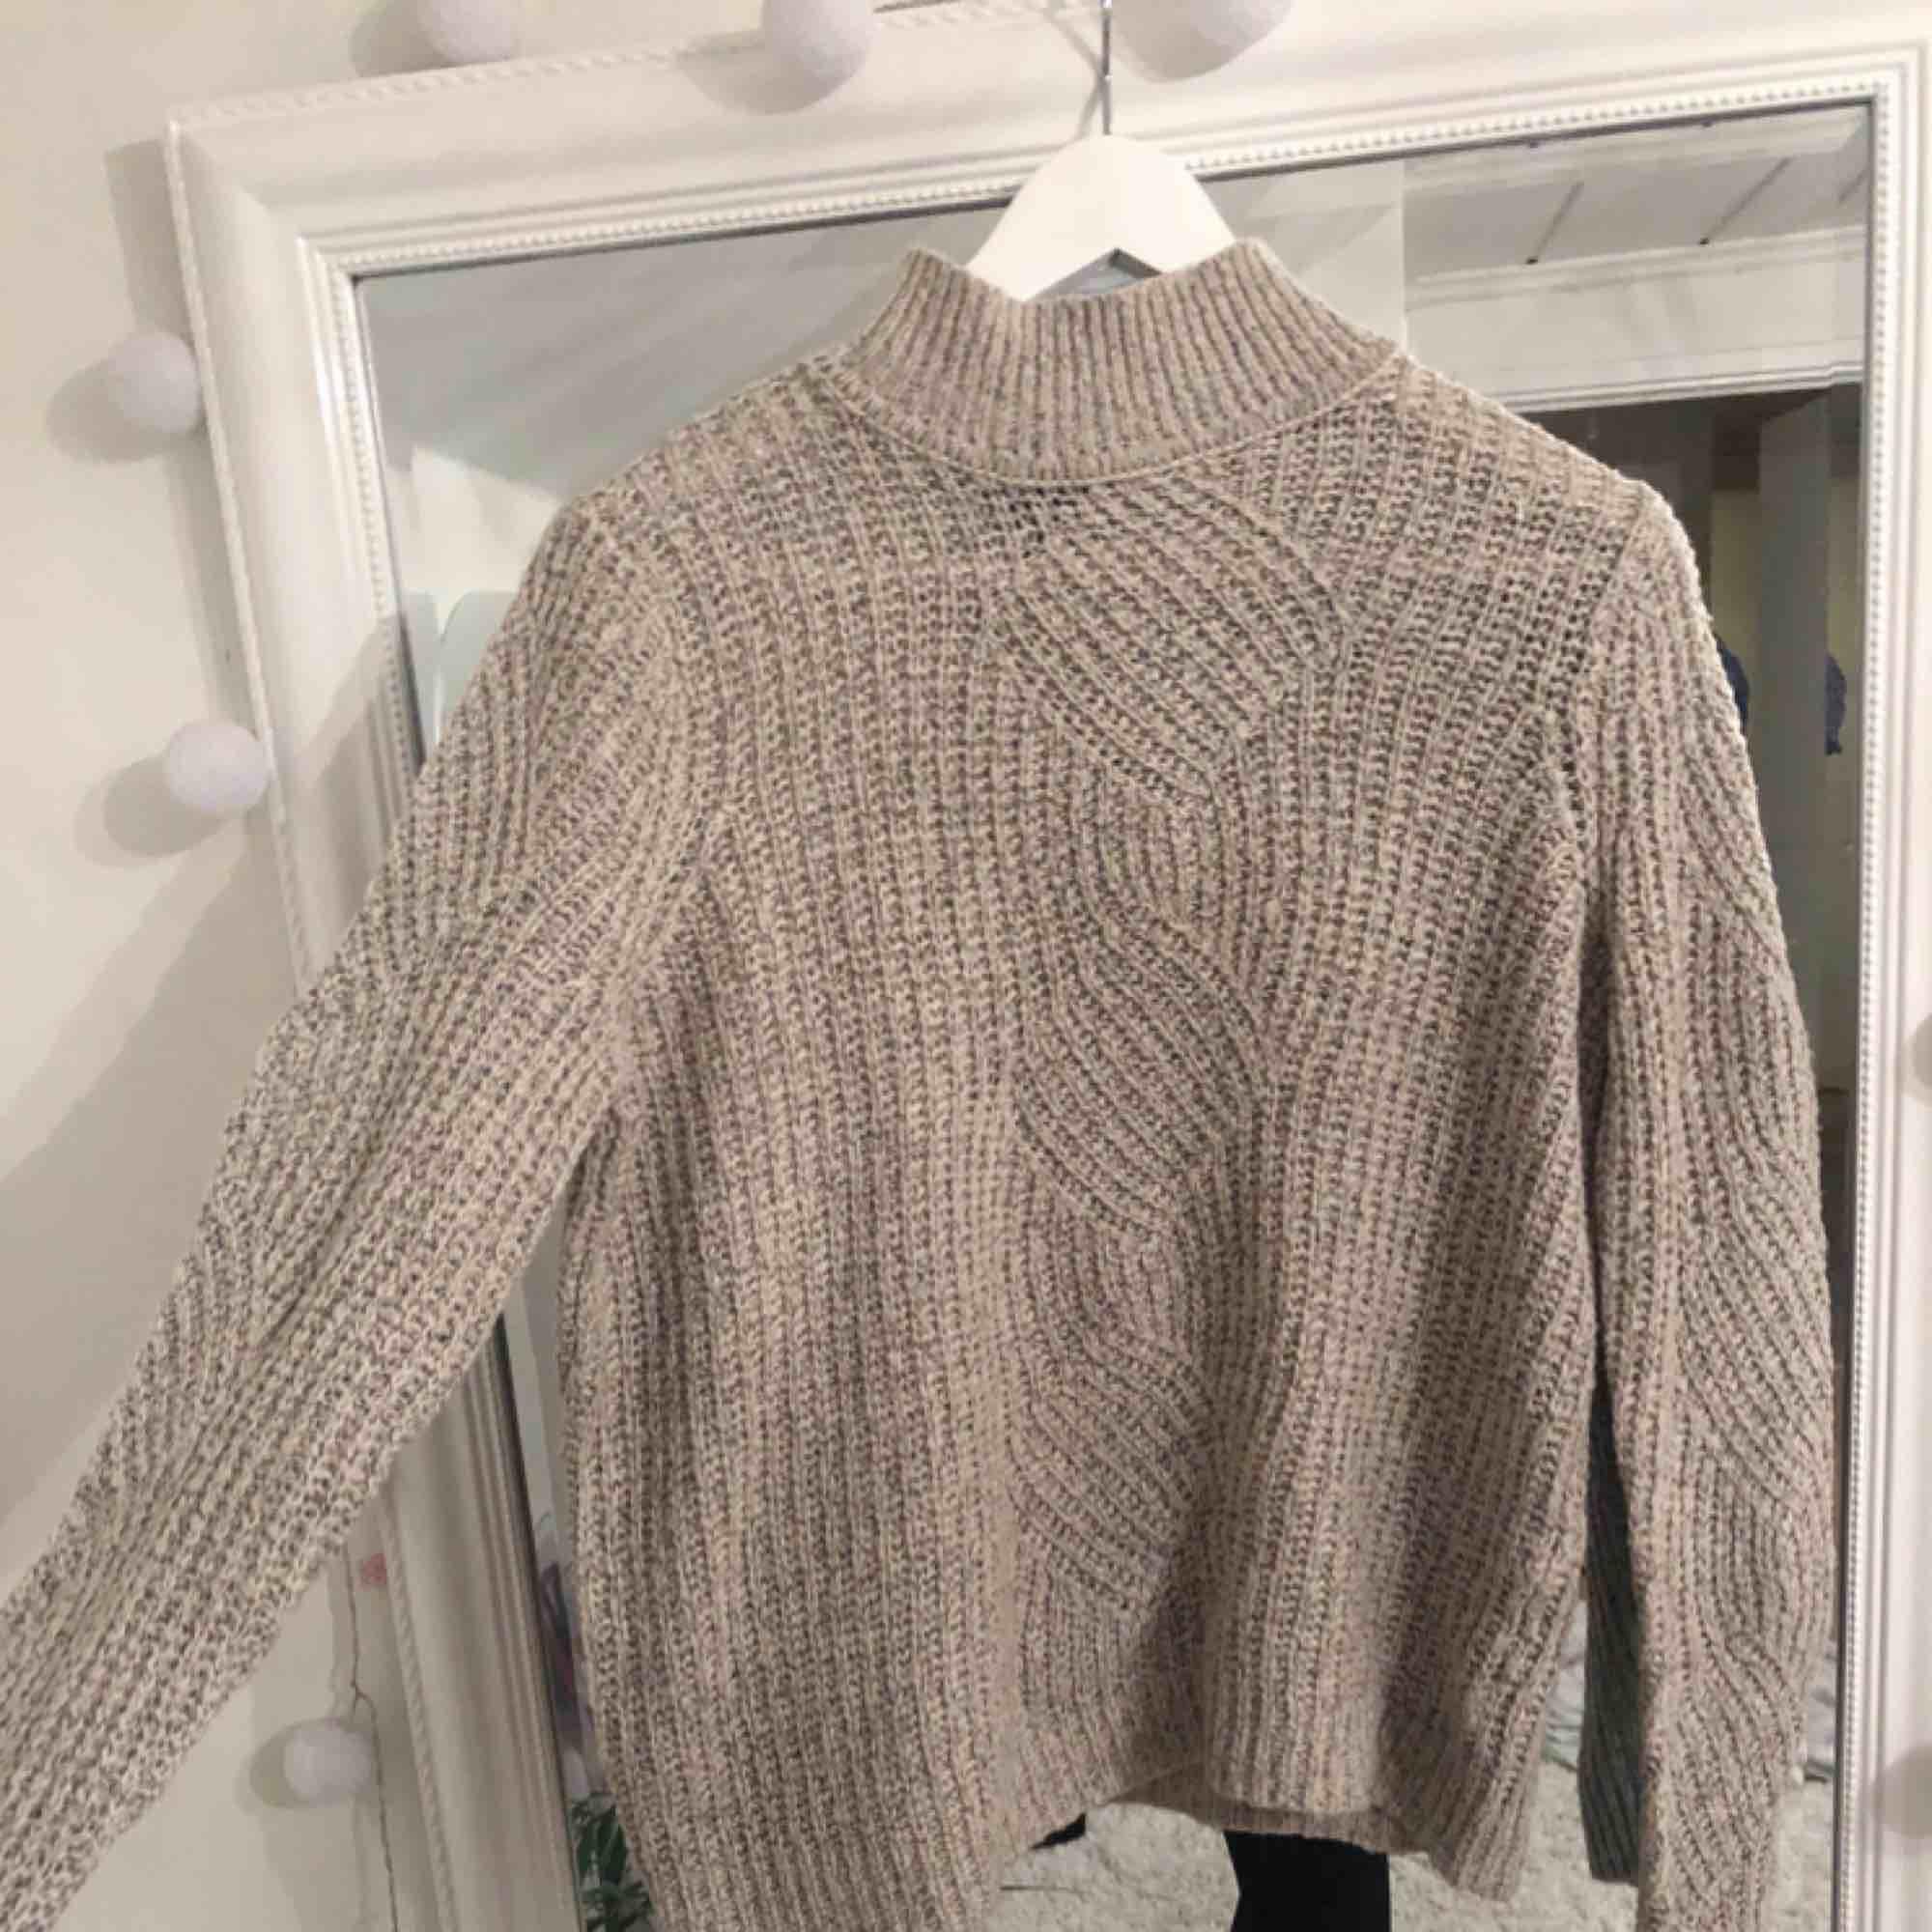 Snygg beige och skön tröja ifrån .object, sparsamt använd och i ett väldigt bra skick. Tröjor & Koftor.